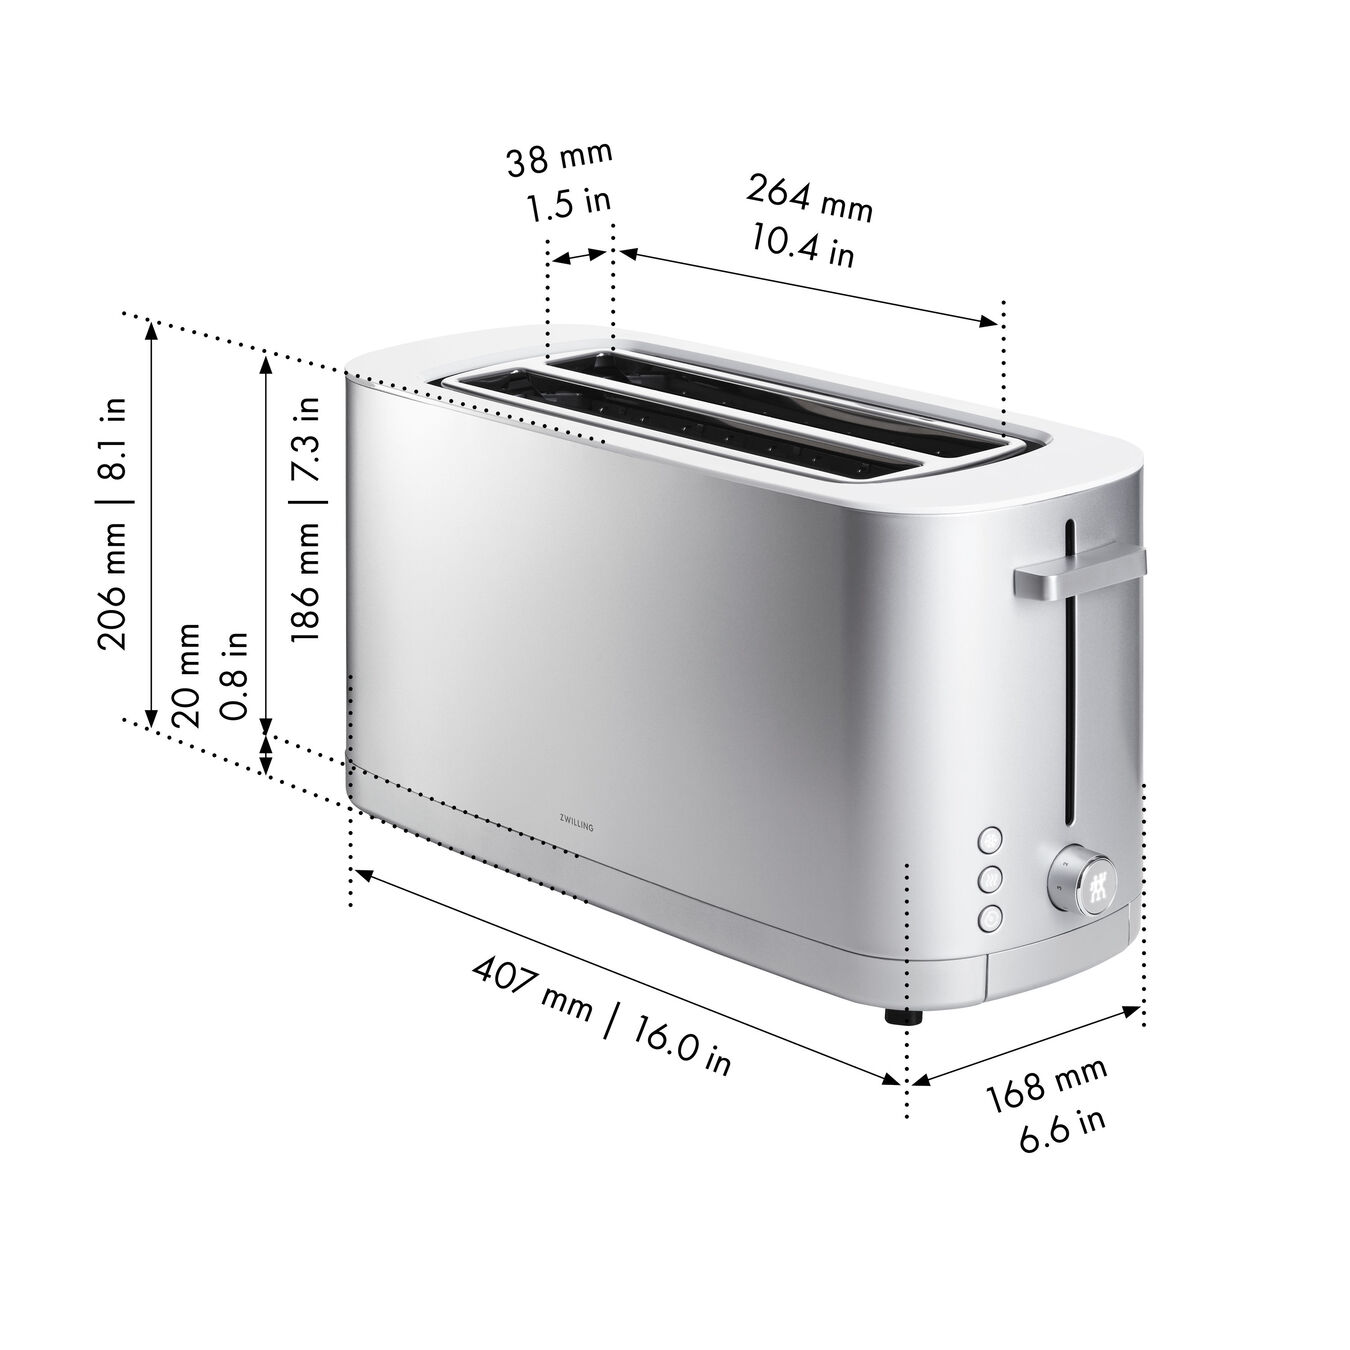 Toaster mit Brötchenaufsatz, 2 Schlitze lang, Silber,,large 7